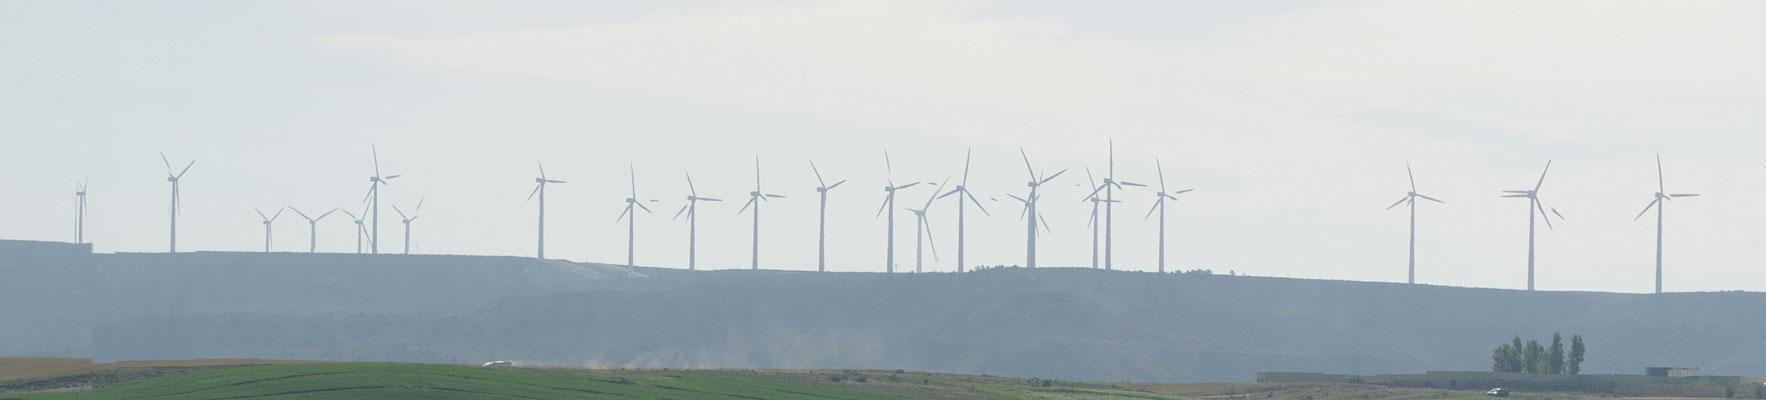 Kein Wunder stellen sie hier sooooo vieeeeele Windräder auf, wenn der Wind sooooo stark und hemmungslos bläst...